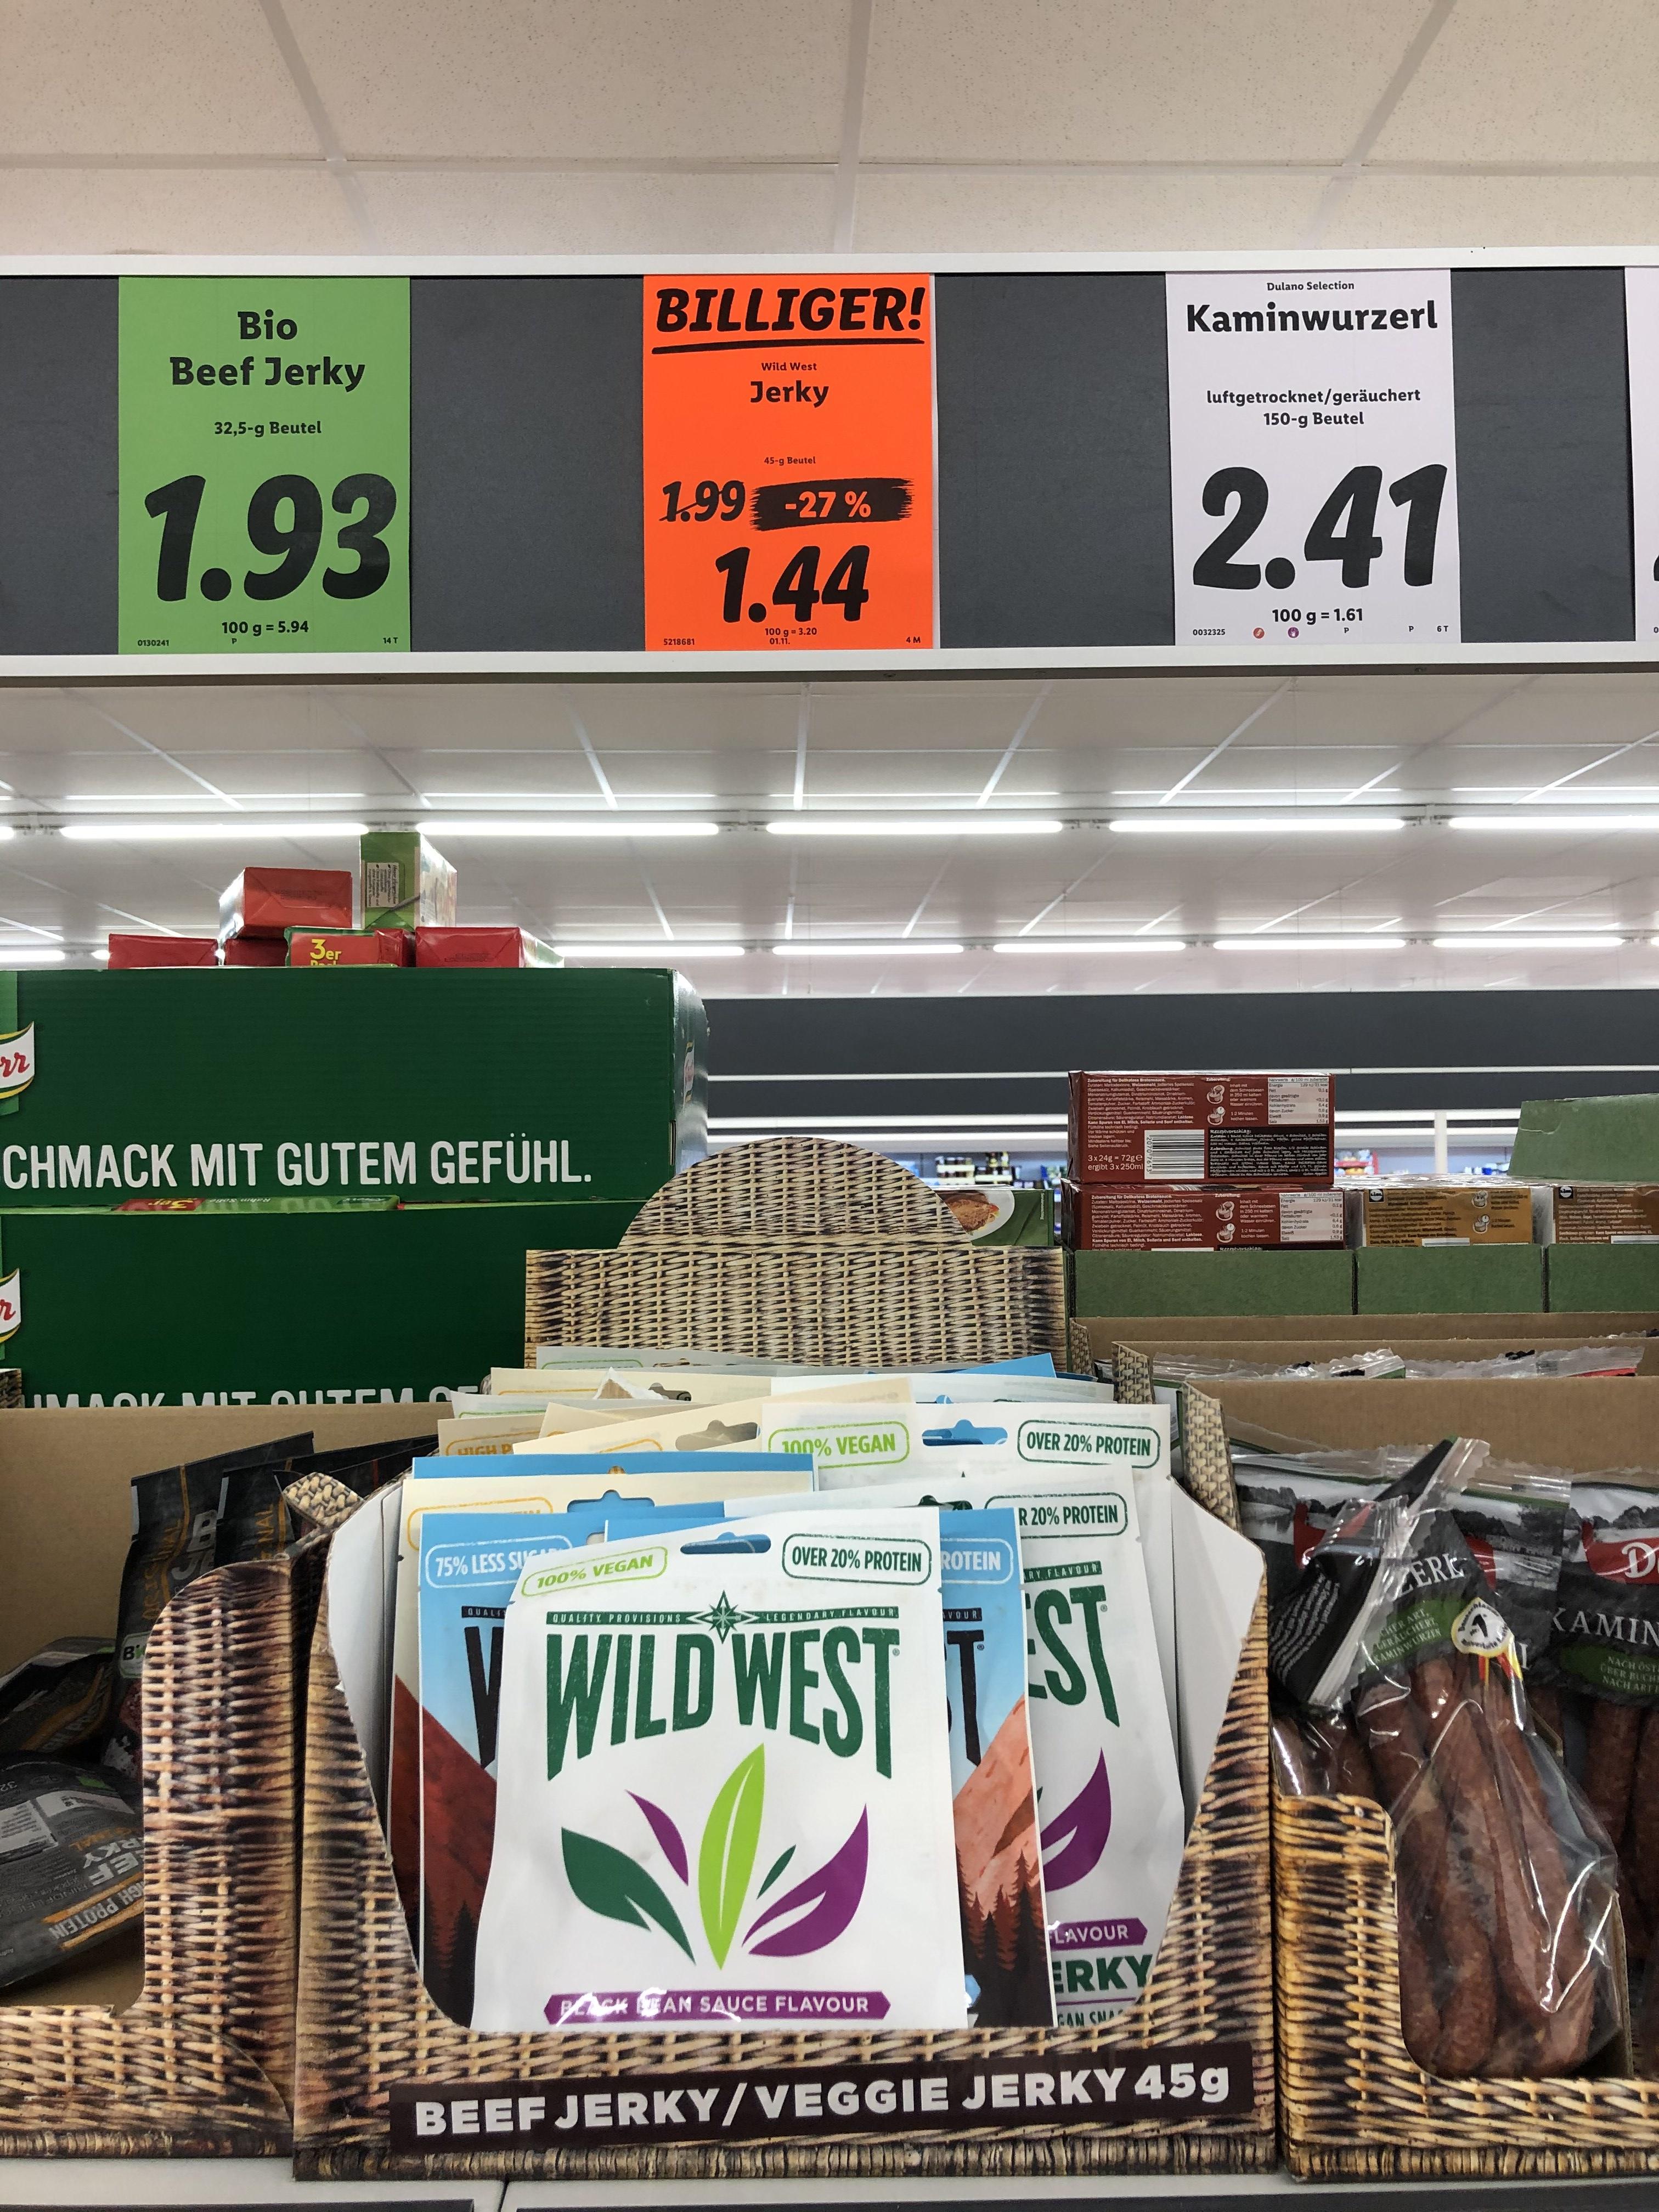 Beef jerky / Veggie Jerky 45g Wild West bei Lidl